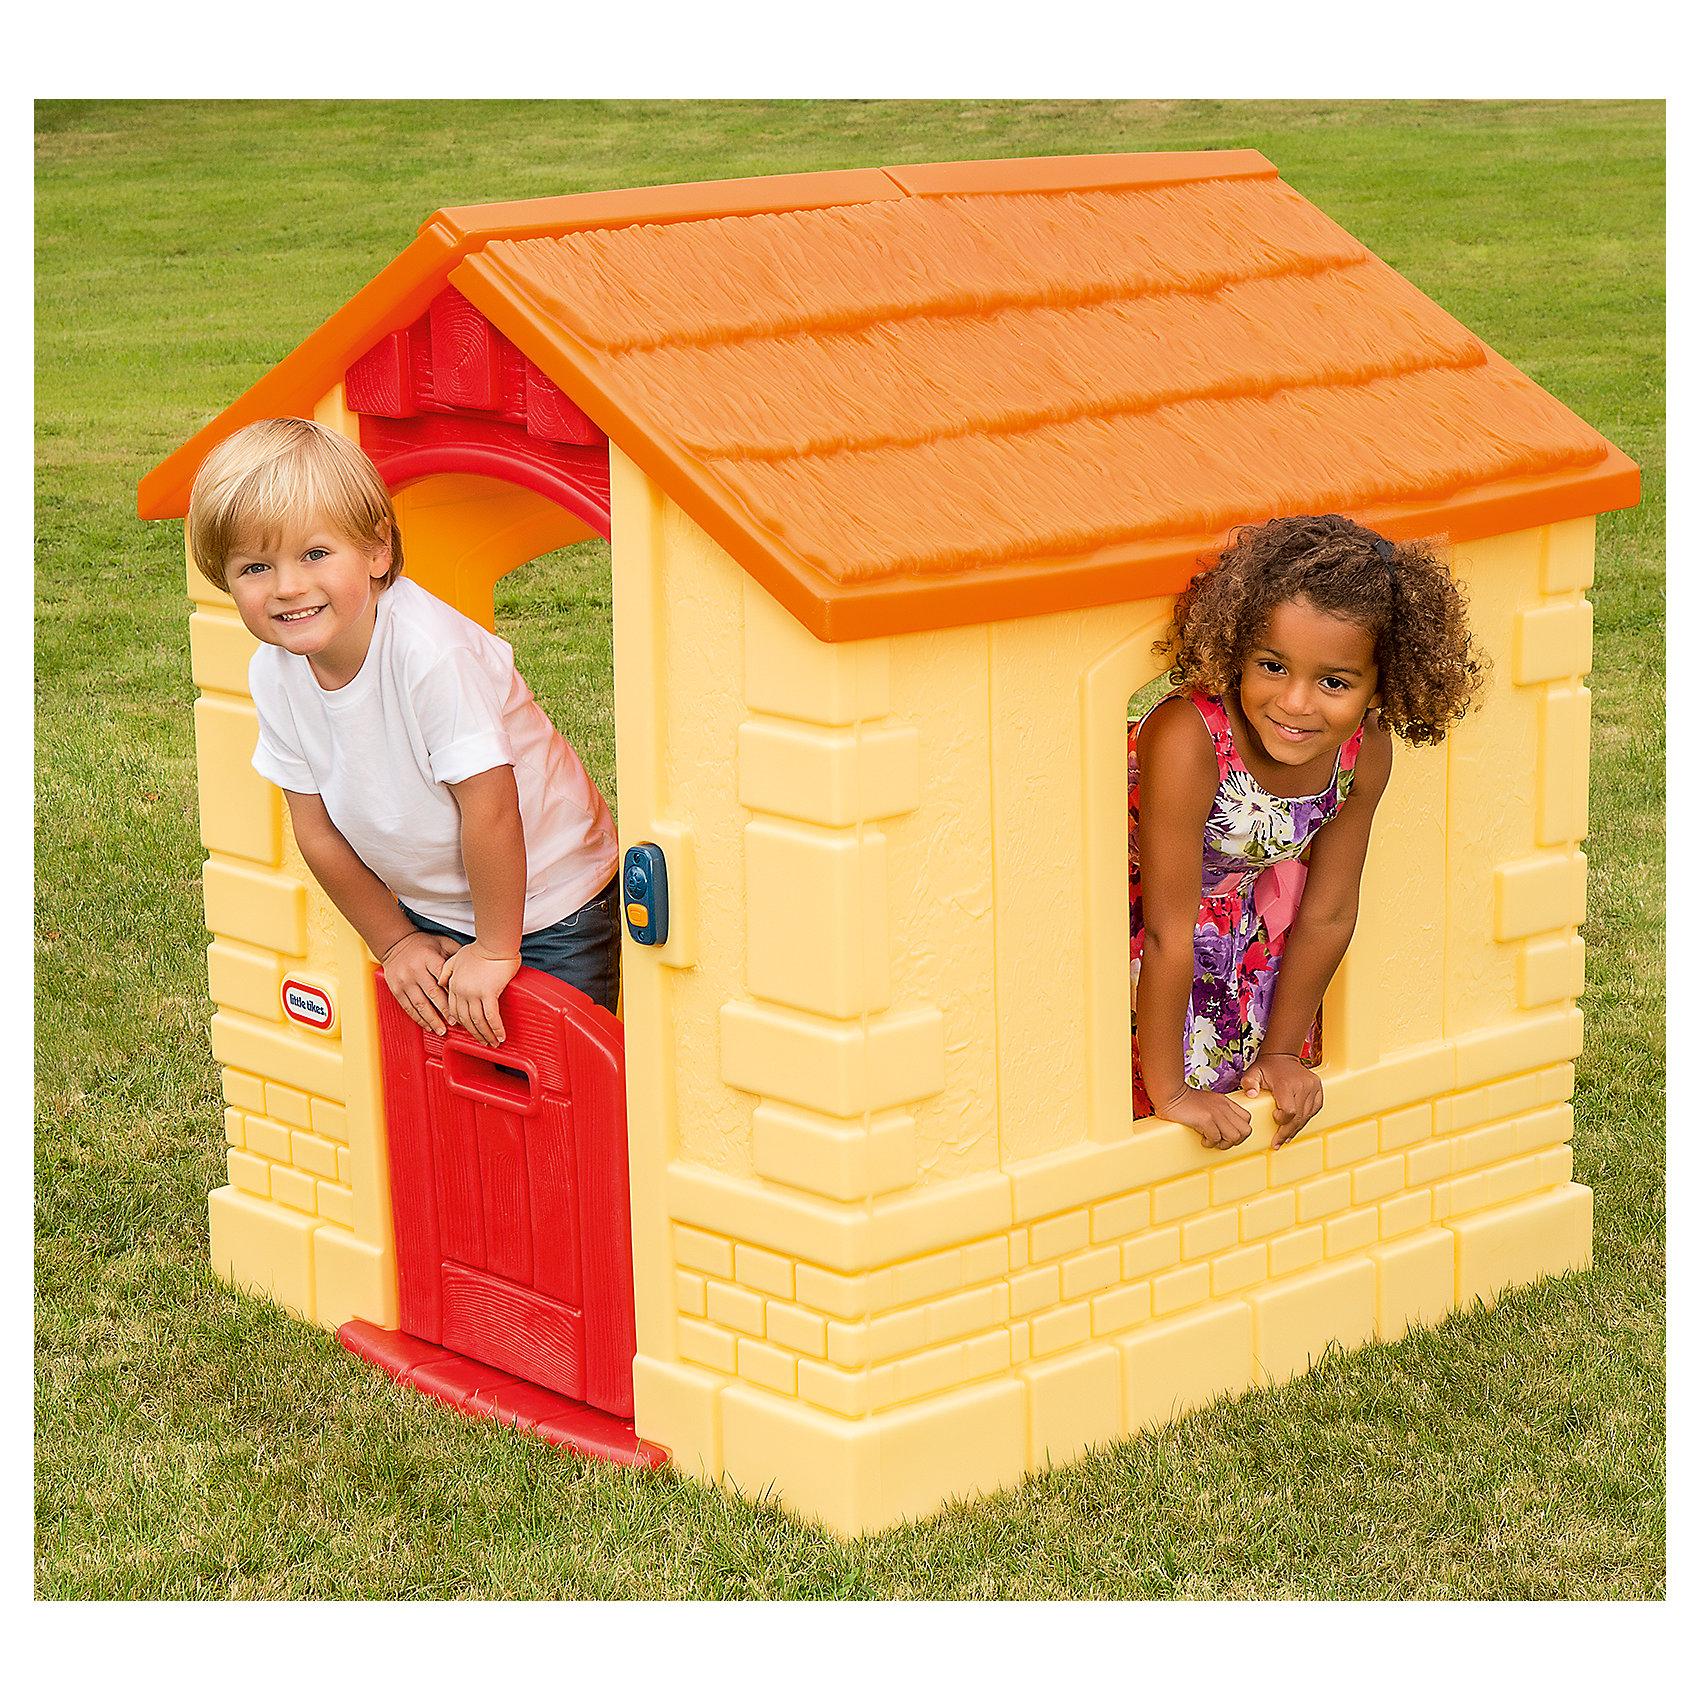 Игровой домик, Little TikesДомики и мебель<br>Оригинальный домик занимает совсем немного места, однако внутри он достаточно просторный. Выполнен в нежных натуральных цветах и изготовлен из прочного водостойкого пластика. Ваш ребенок будет играть в нем круглый год. Голландская дверь, дверной звонок и место для почтовых писем. Для детей о т 1,5-5 лет.<br><br>Ширина мм: 1336<br>Глубина мм: 112<br>Высота мм: 550<br>Вес г: 2895<br>Возраст от месяцев: 18<br>Возраст до месяцев: 72<br>Пол: Унисекс<br>Возраст: Детский<br>SKU: 4653312